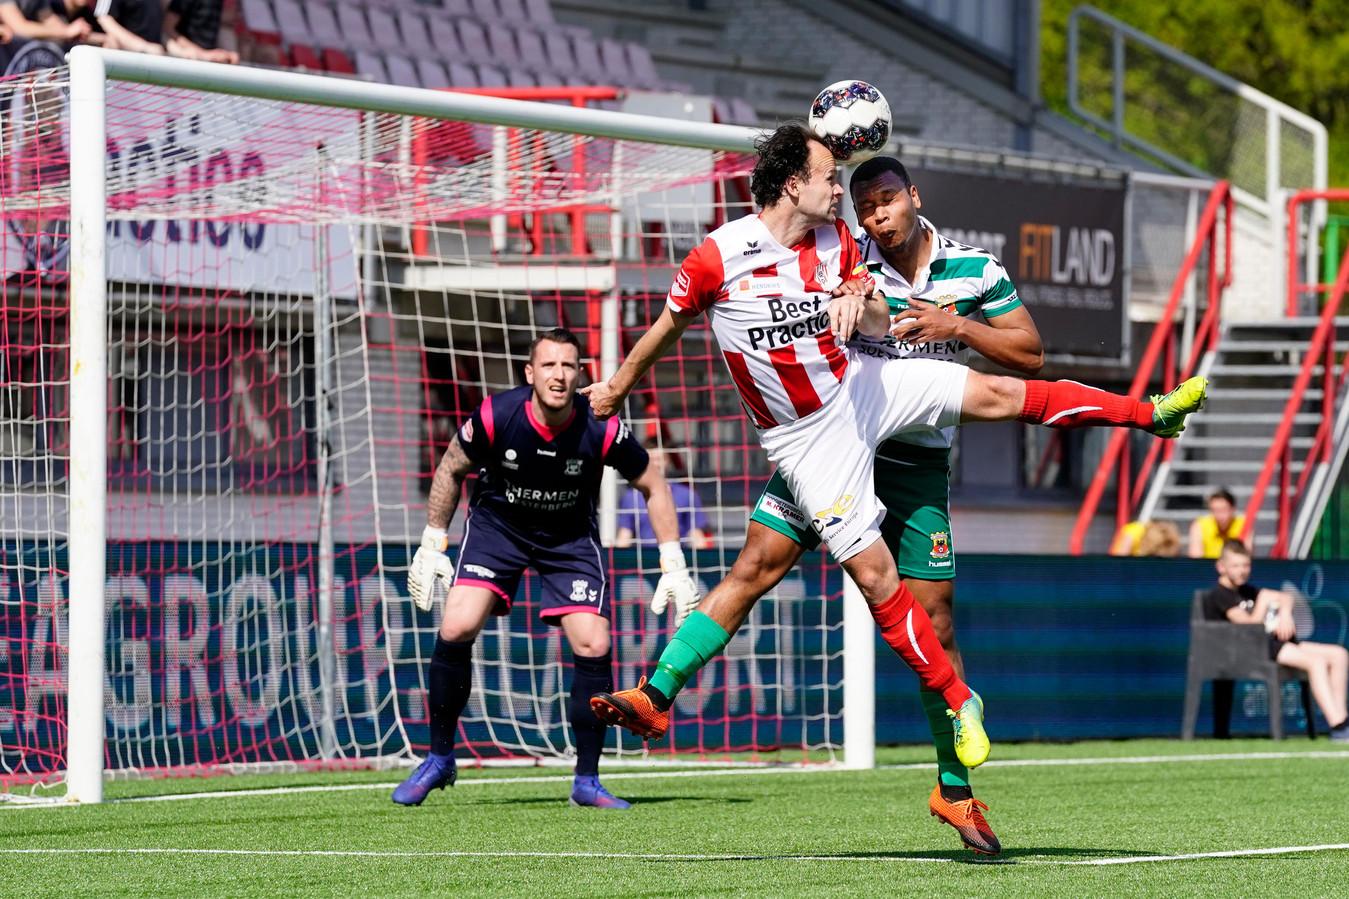 Niels Fleuren (links) wint het kopduel van Joey Groenbast van Go Ahead Eagles.